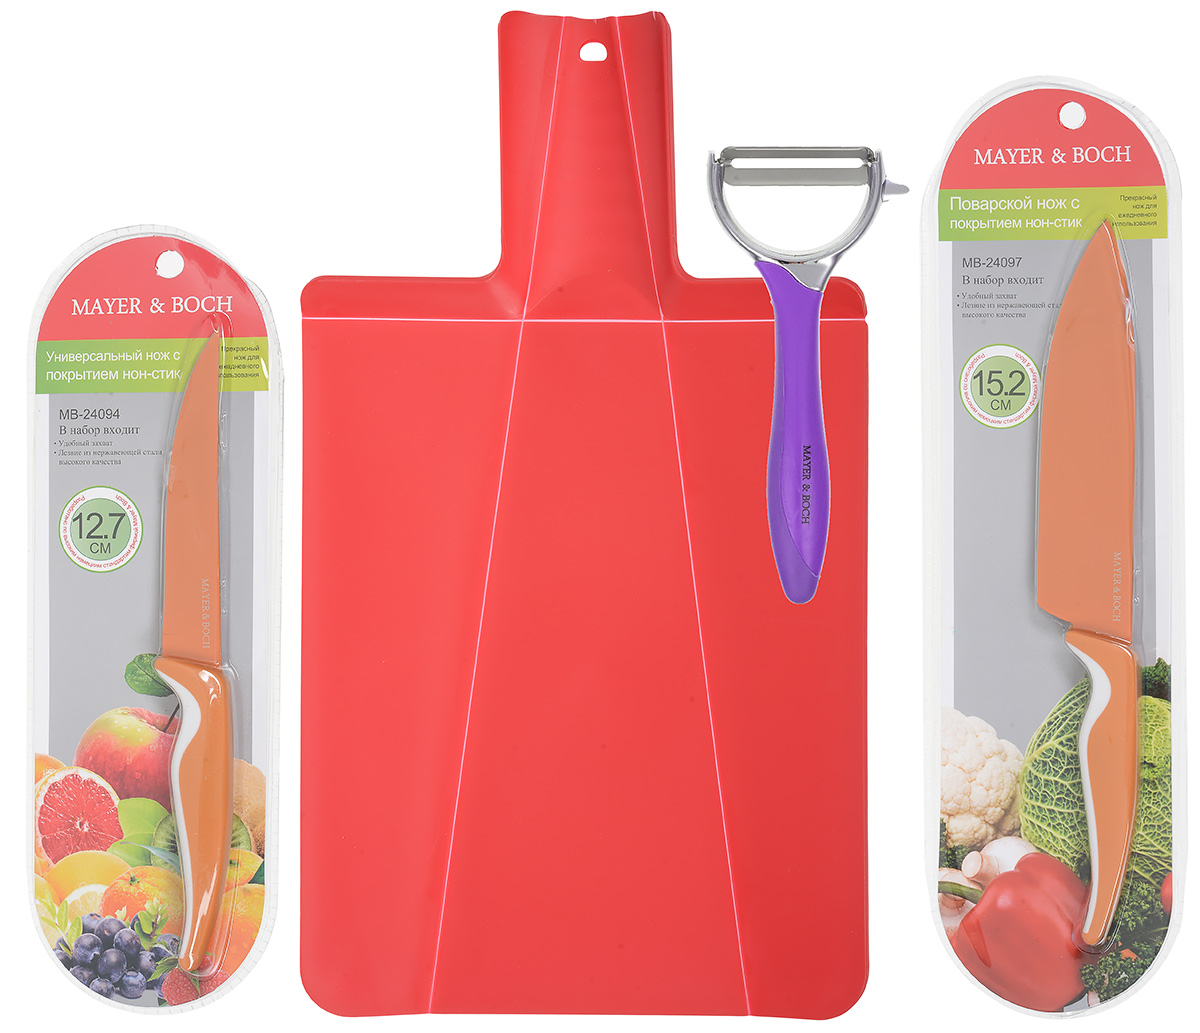 Набор для кухни Mayer & Boch, цвет: красный, оранжевый, фиолетовый, 4 предмета24094_красный, оранжевый, фиолетовыйНабор для кухни Mayer & Boch включает разделочную доску, поварской нож, универсальный нож и картофелечистку. Складная разделочная доска выполнена из пищевого полипропилена. Трансформация достигается за счет подвижных сгибов материала. Умный дизайн рукоятки позволяет с легкостью складывать, а также разворачивать доску. При сжатии ручки края доски складываются, образуя форму лотка. Это позволяет с легкостью и быстротой переносить нарезанные продукты. Эта доска не помнется, не сломается, не пойдет трещинами, что выгодно отличает ее от деревянных. В набор также входит поварской нож и универсальный нож. Лезвия ножей выполнены из нержавеющей стали с покрытием non-stick, которое предотвращает прилипание продуктов. Рукоятка выполнена из полипропилена и снабжена прорезиненными вставками. Специальный дизайн рукоятки обеспечивает комфортный и легко контролируемый захват. Ножи идеальны для ежедневной резки фруктов, овощей, мяса и других продуктов. Картофелечистка предназначена для быстрой очистки картофеля и других овощей. Лезвие выполнено из качественного металла, рукоятка изготовлена из мягкого ABS пластика, а корпус - из цинкового сплава и титана. Прибор снабжен устройством для очистки глазков с картофеля. Его удобно держать в руке и использовать без лишних усилий. Набор для кухни Mayer & Boch содержит все необходимые предметы, которые помогут вам в приготовлении пищи. Размер разделочной доски: 37 х 21 см. Длина лезвия поварского ножа: 15,2 см. Длина поварского ножа: 27 см. Длина лезвия универсального ножа: 12,7 см. Длина универсального ножа: 23,5 см. Длина картофелечистки: 15 см. Длина лезвия картофелечистки: 5 см.